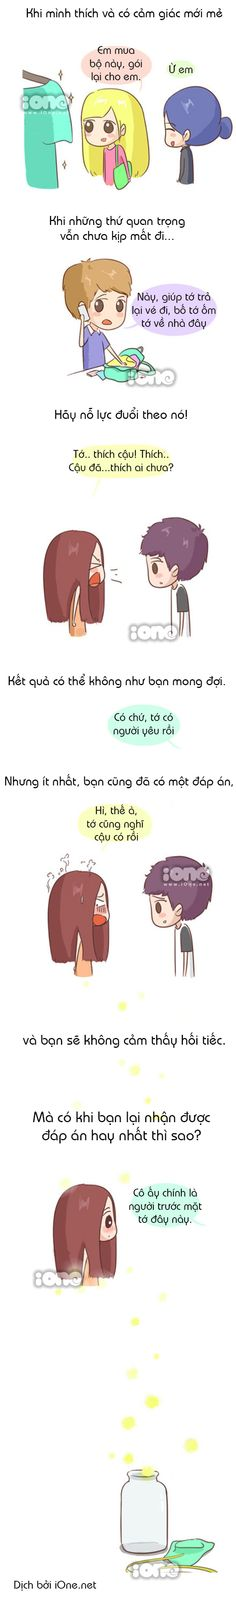 gioi-han-4.jpg